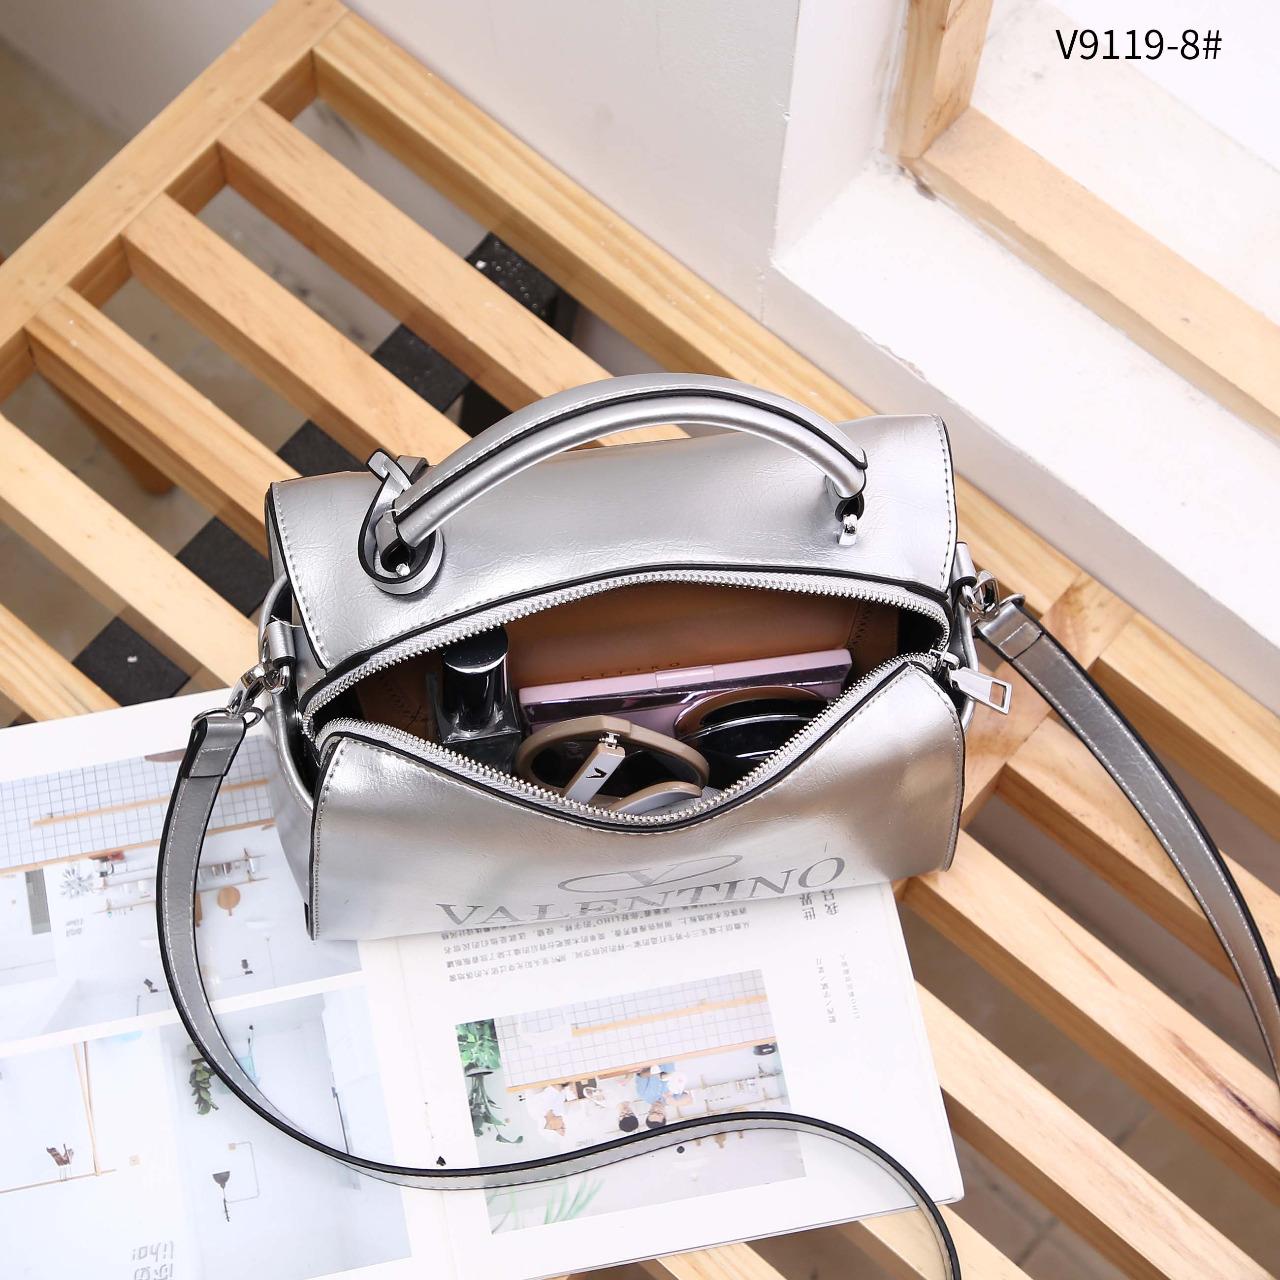 Tas Valentino Branded 2020 V9119-8H4 Tas Valentino, Tas Valentino Murah, Tas Valentino Terbaru